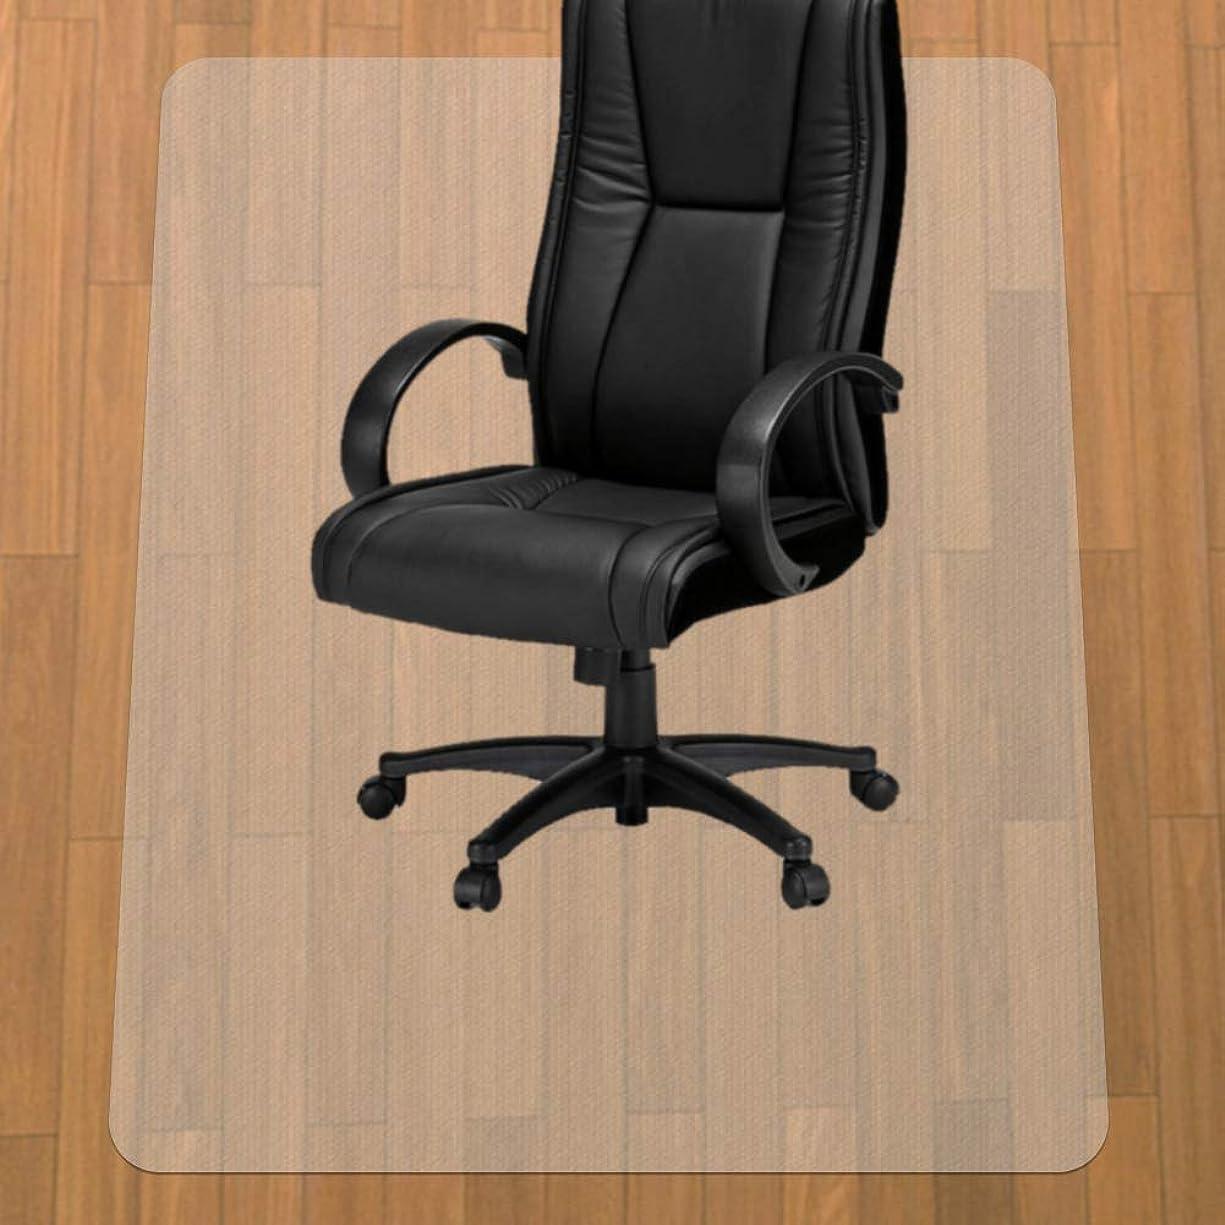 香ばしい切る愛情HUASUN チェアマット 90*120cm厚み1.5mm 机下 椅子 床を保護 デスクマット 透明 PVC 傷防止 滑り止め フロア/畳/床暖房対応